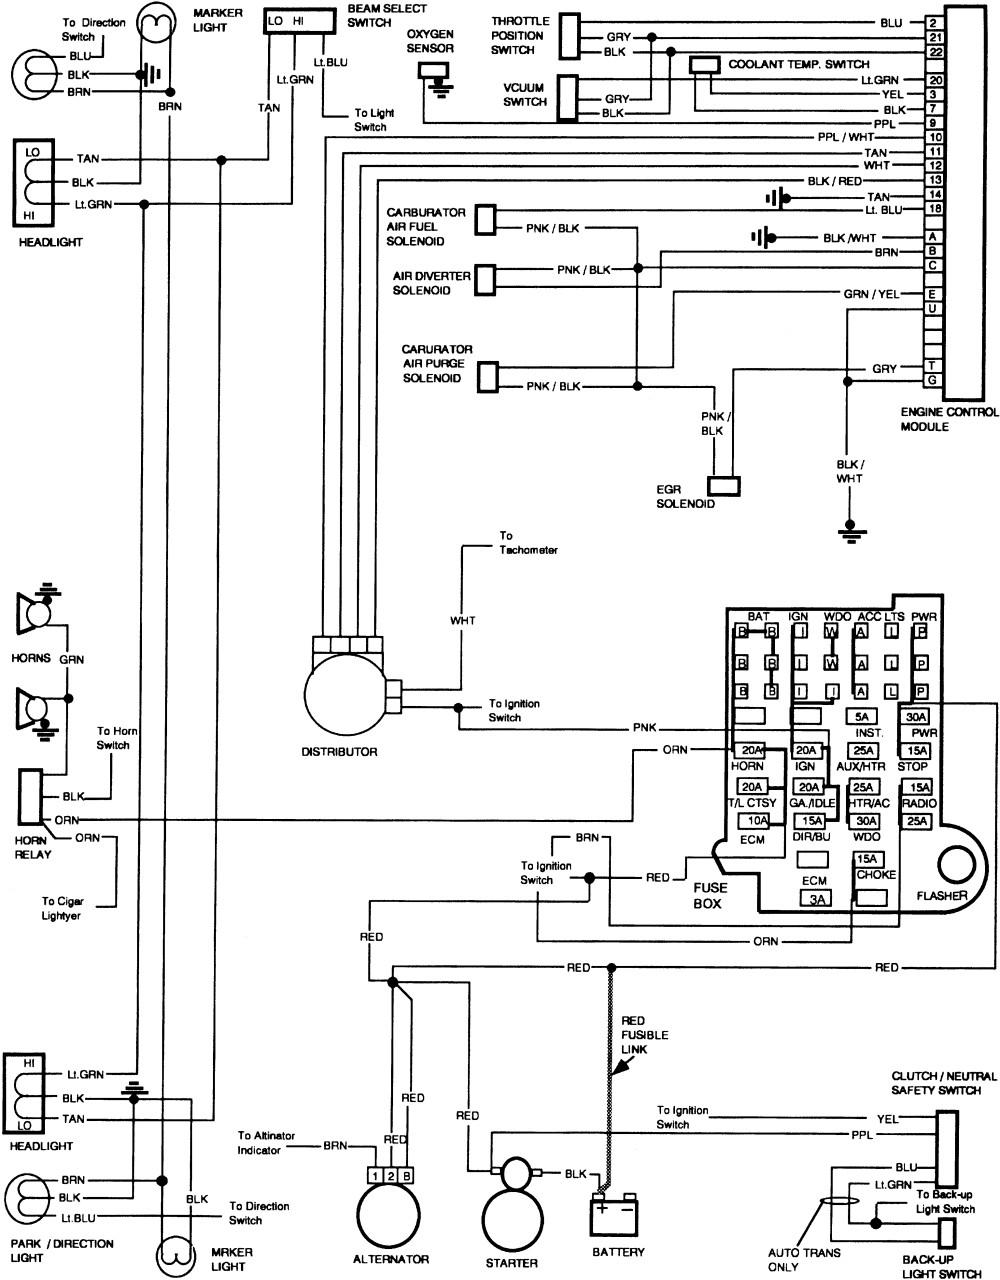 [EQHS_1162]  1983 Chevy P30 Wiring Diagram - Rickenbacker 4003 Wiring Diagram for Wiring  Diagram Schematics | 1983 Chevy Headlight Dimmer Switch Wiring Diagram |  | Wiring Diagram Schematics